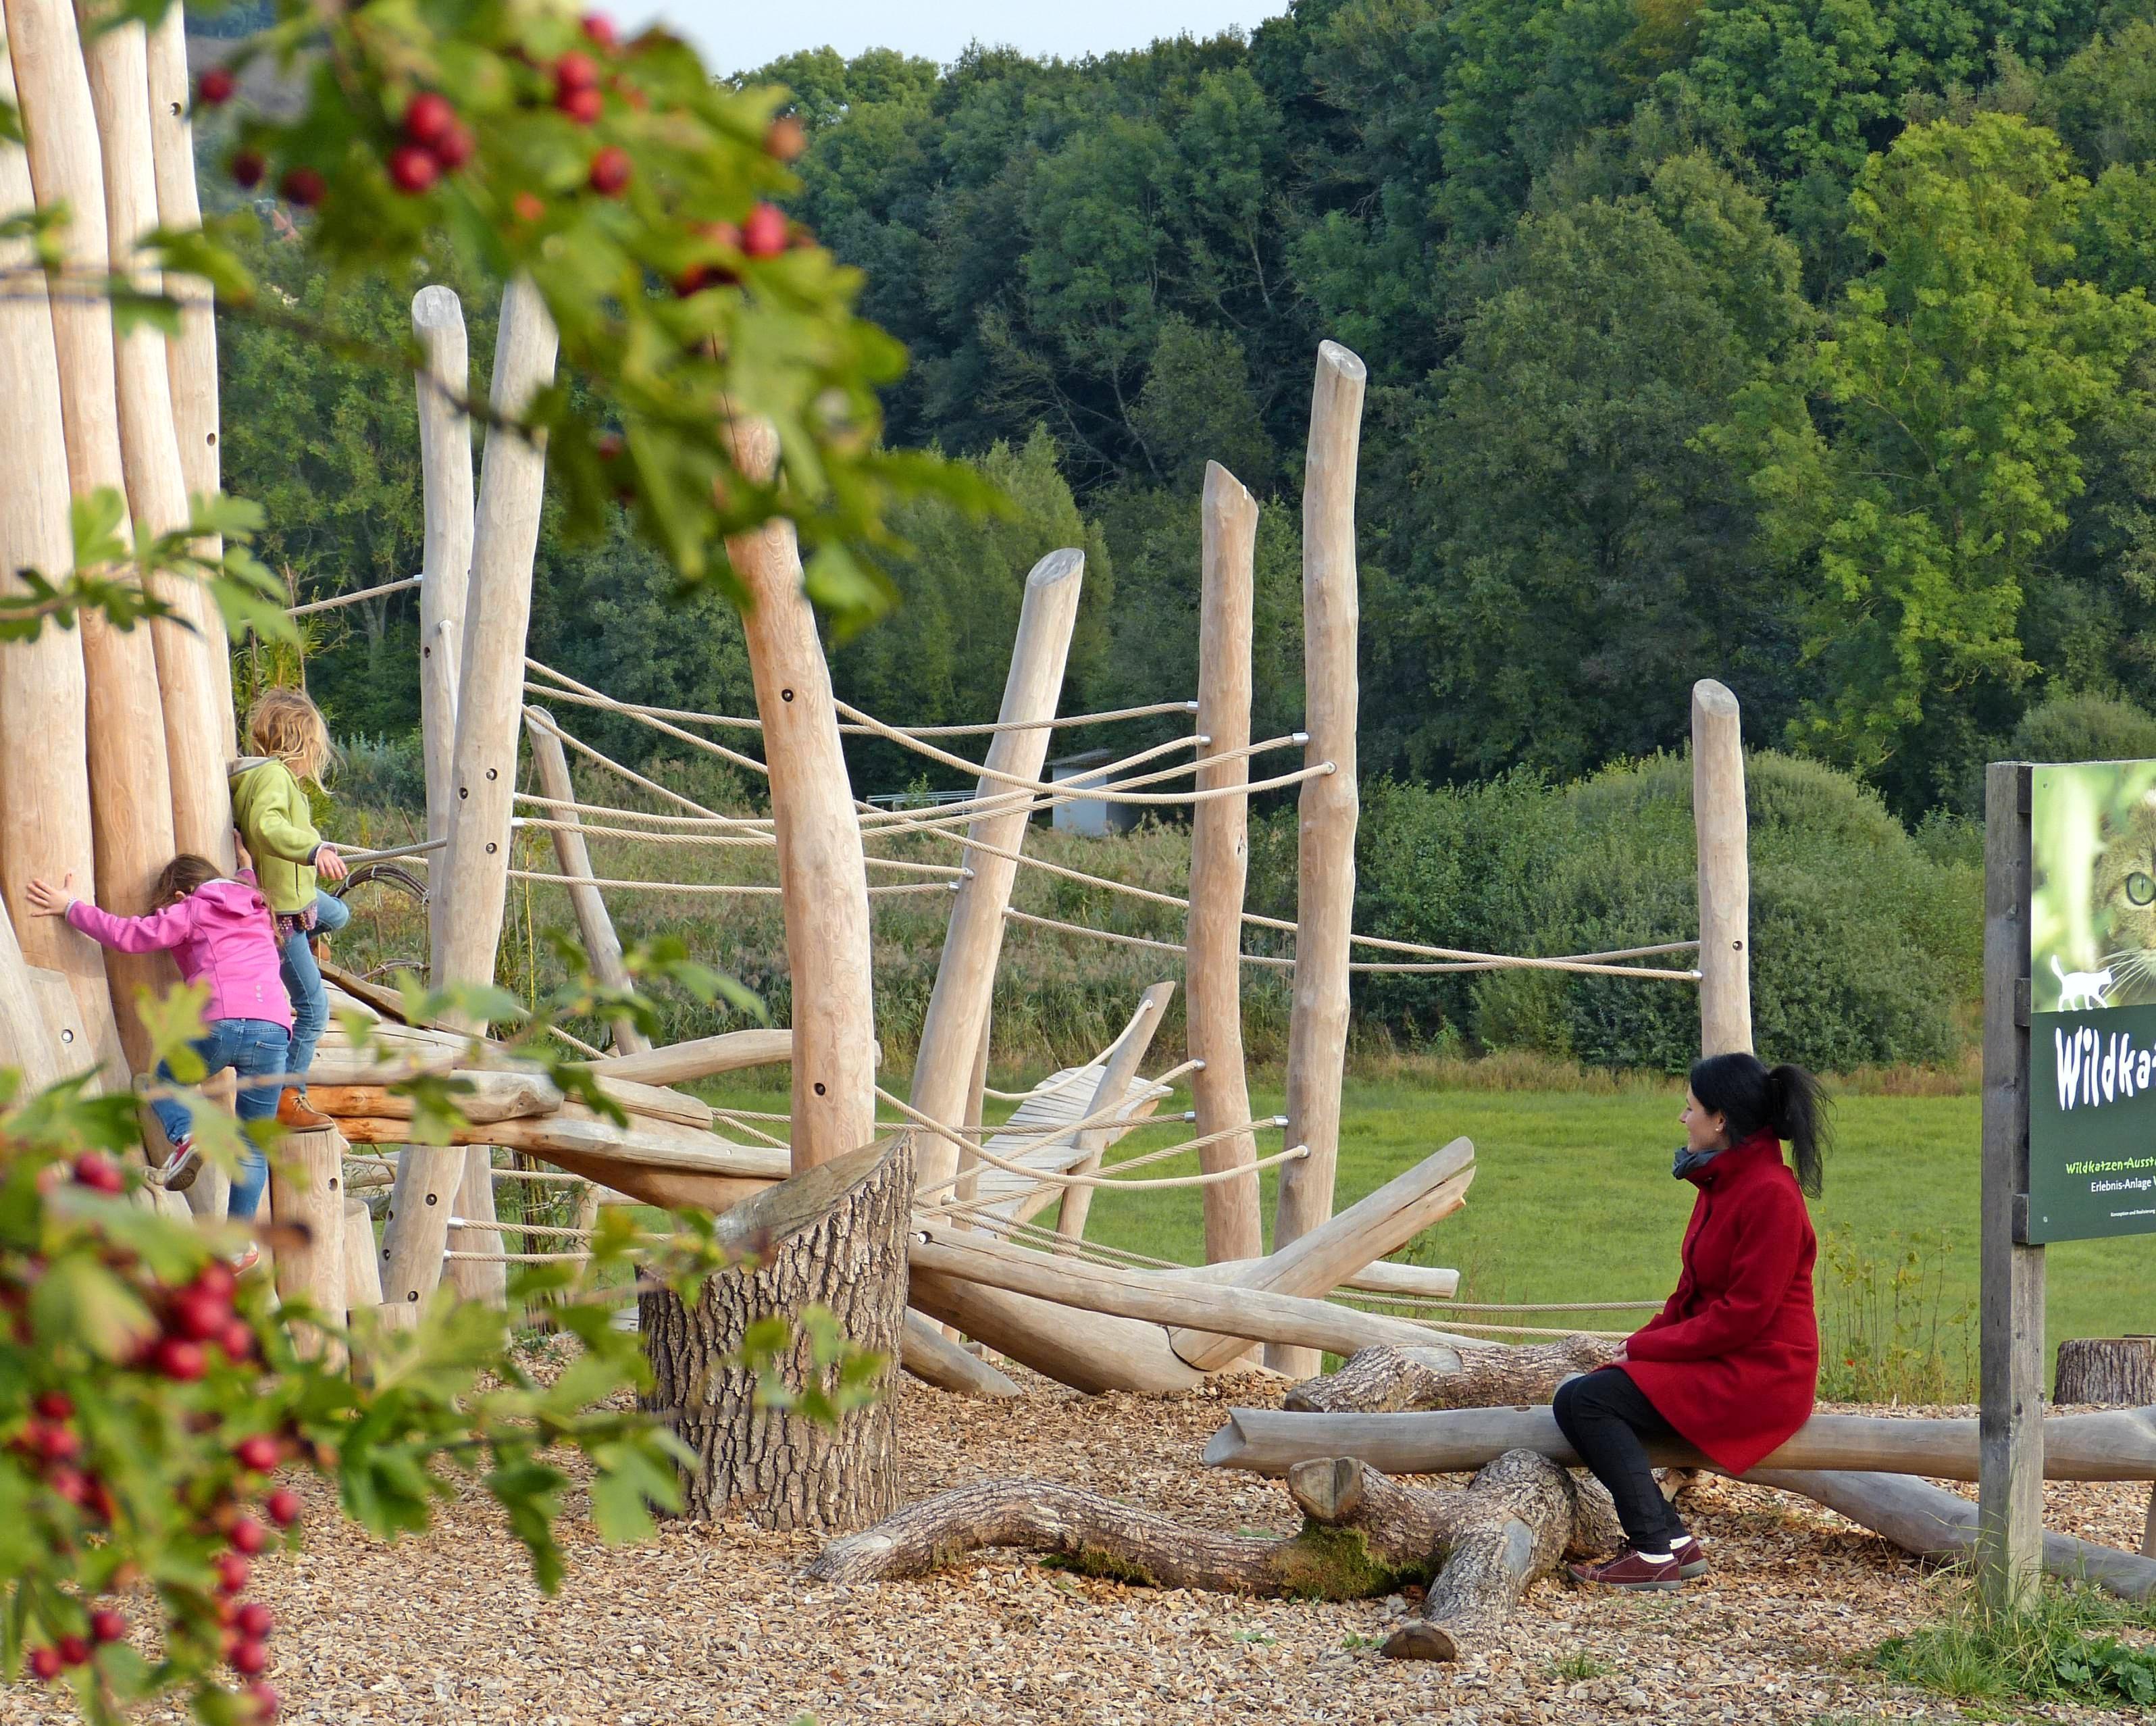 Viel Spaß haben Wanderer in der Erlebnisanlage Wildkatzenweld im Naturpark<div>Stromberg-Heuchelberg. Fotos: Jan Bürgermeister</div>